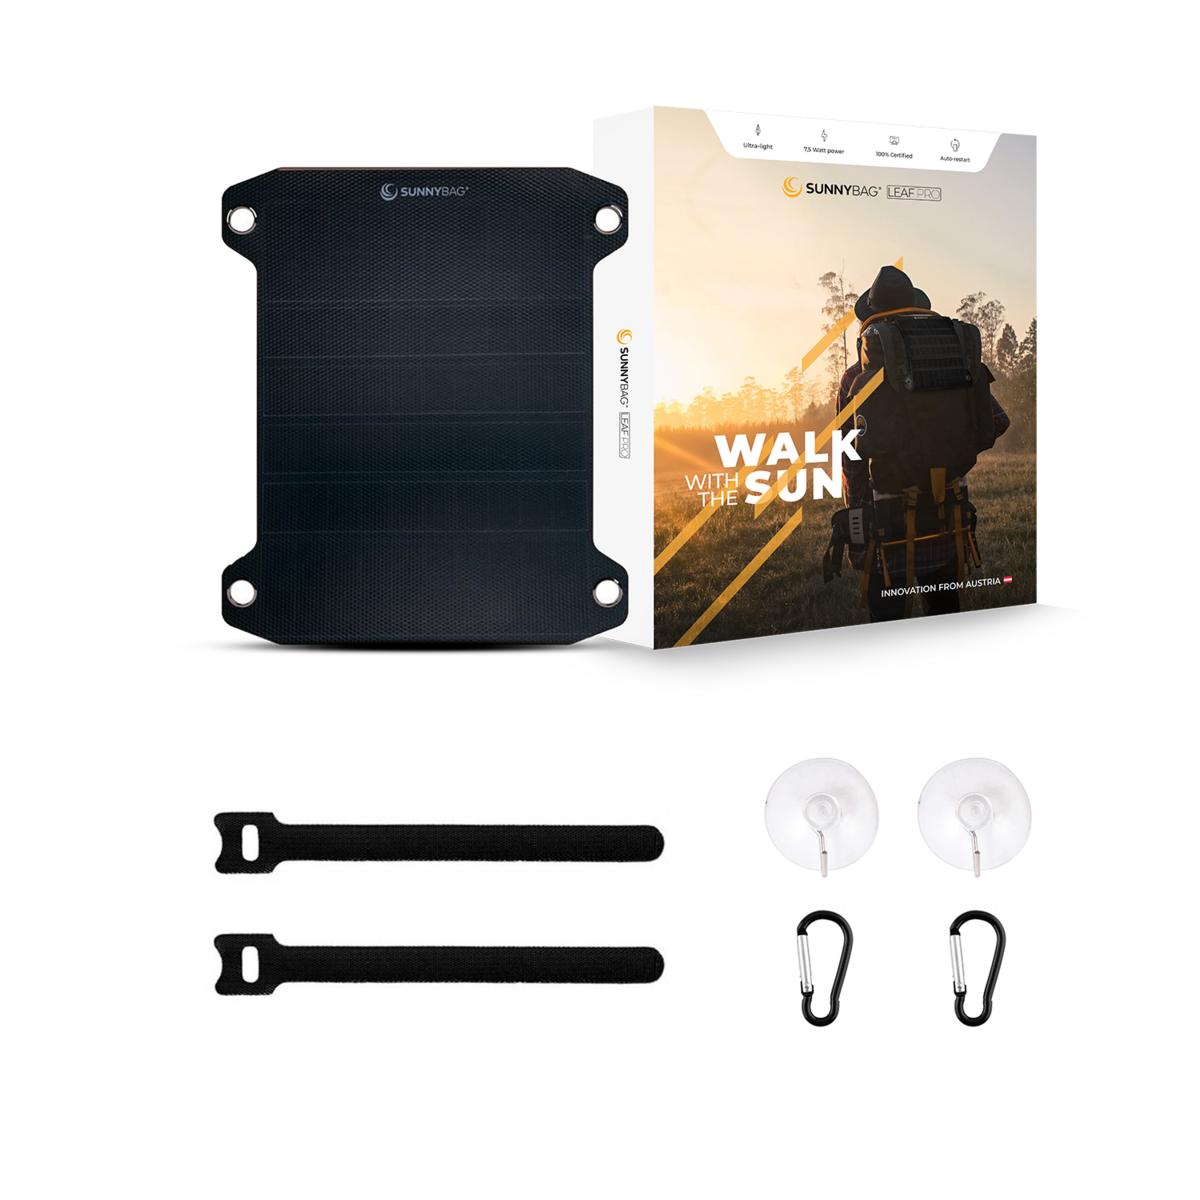 Sunnybag Leaf Pro accessoires.png